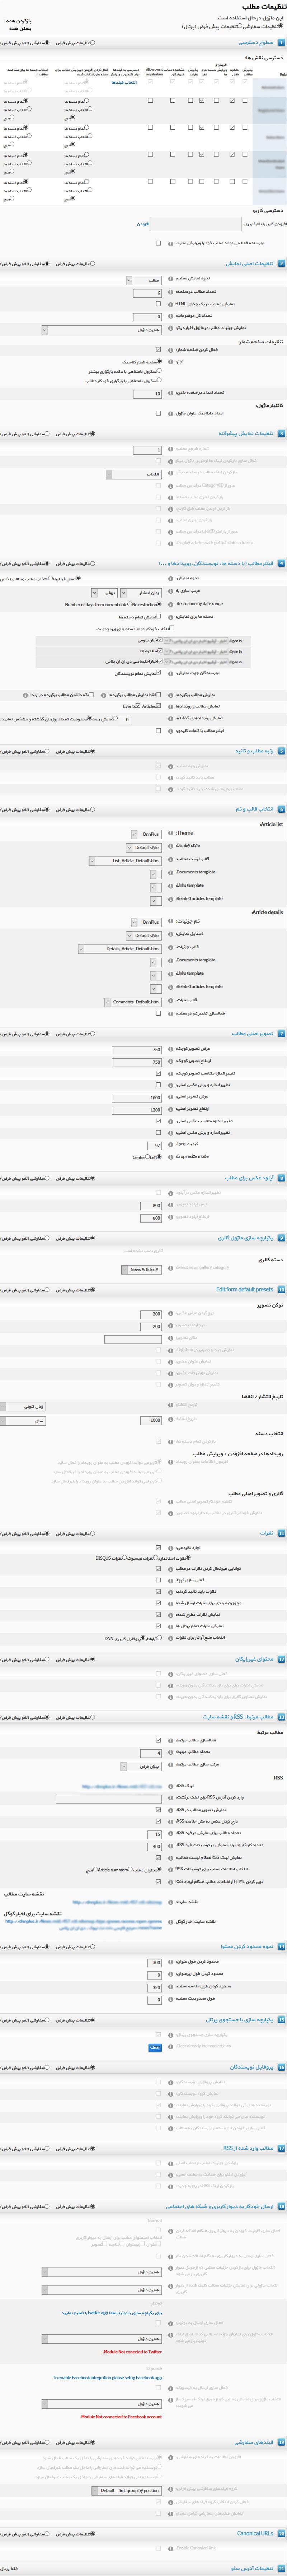 محیط فارسی ماژول اخبار دات نت نیوک